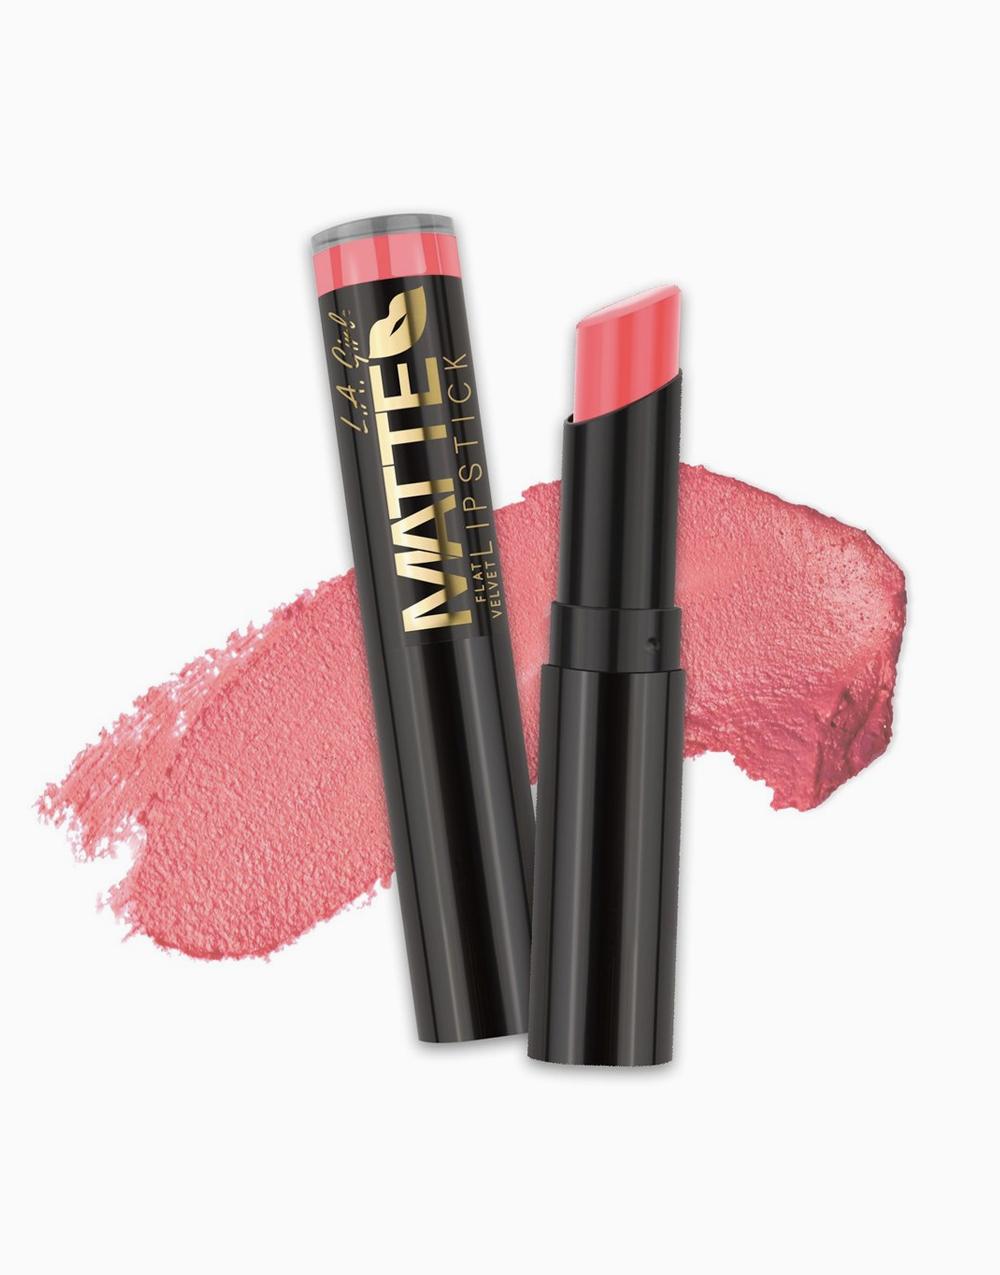 Flat Velvet Matte Lipstick by L.A. Girl | Blessed